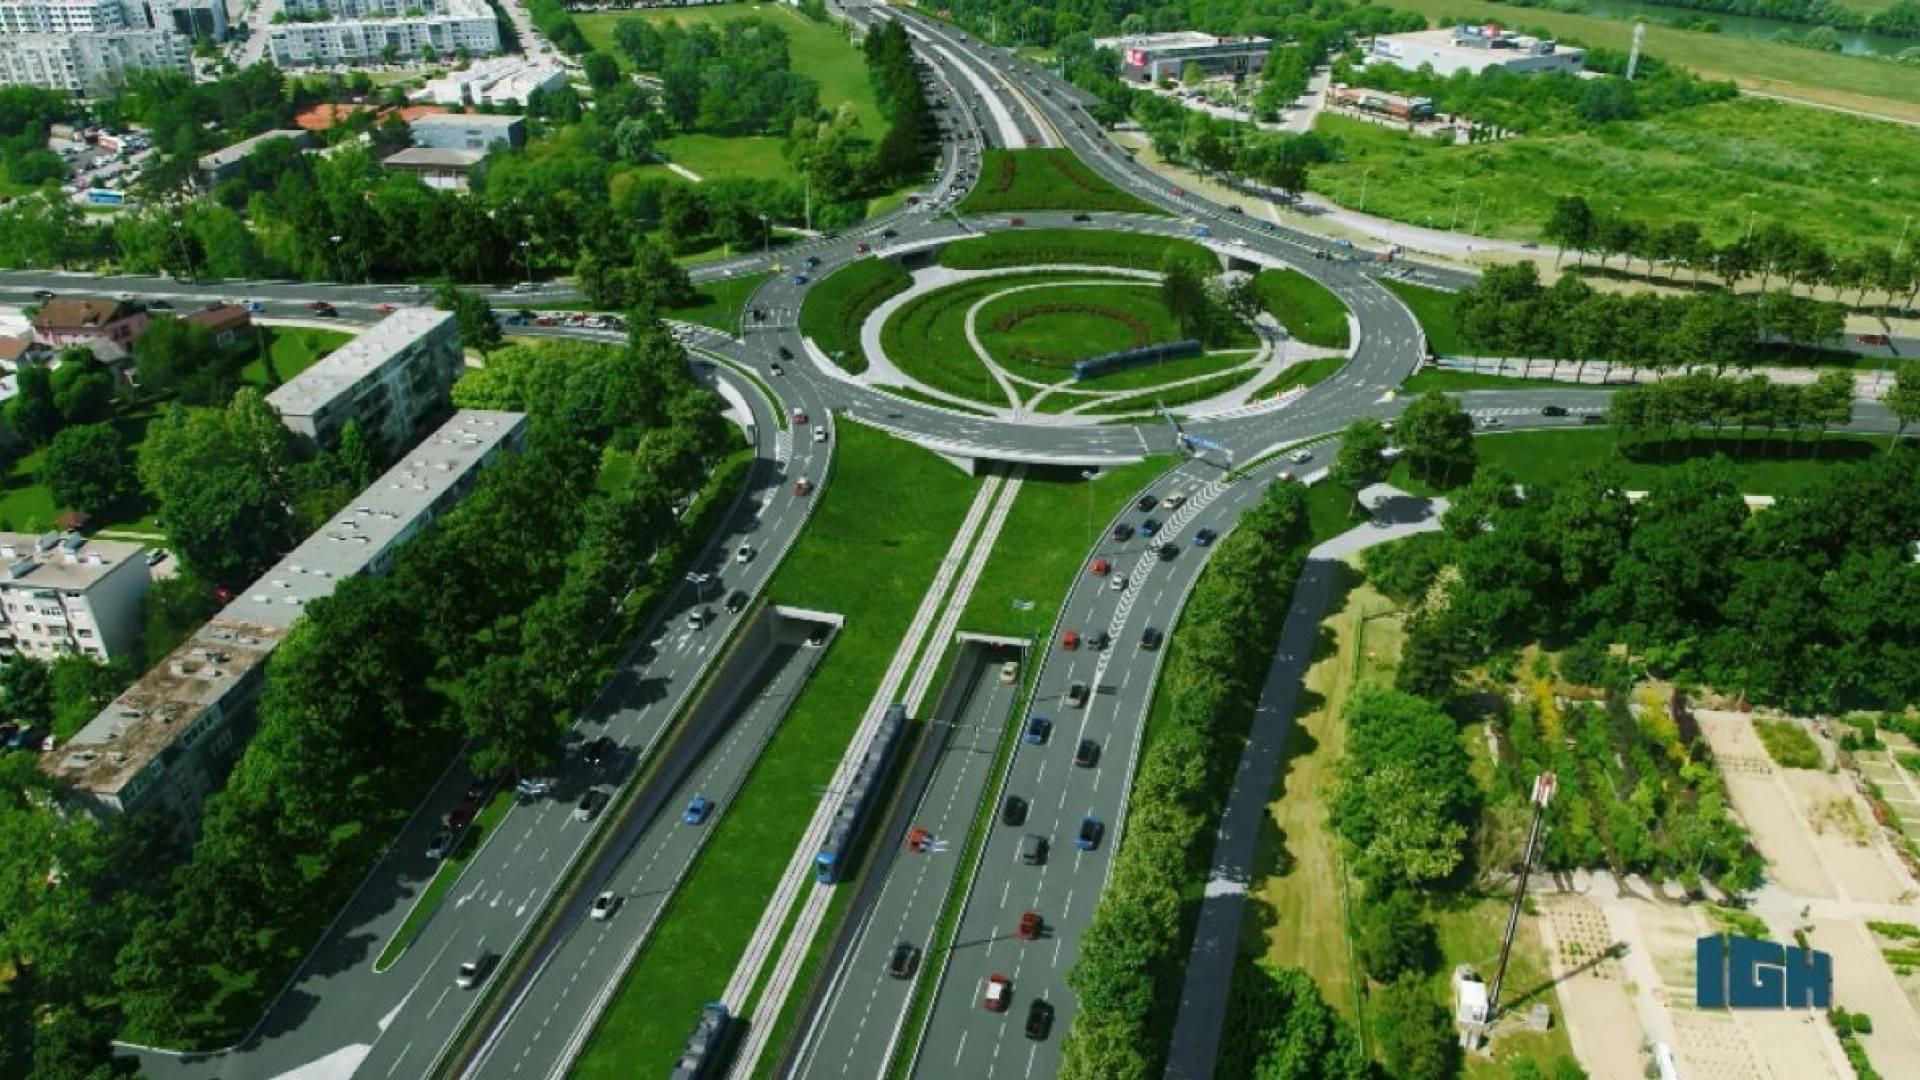 Zagrebački rotor nade: Hoće li velike gužve napokon prestati?